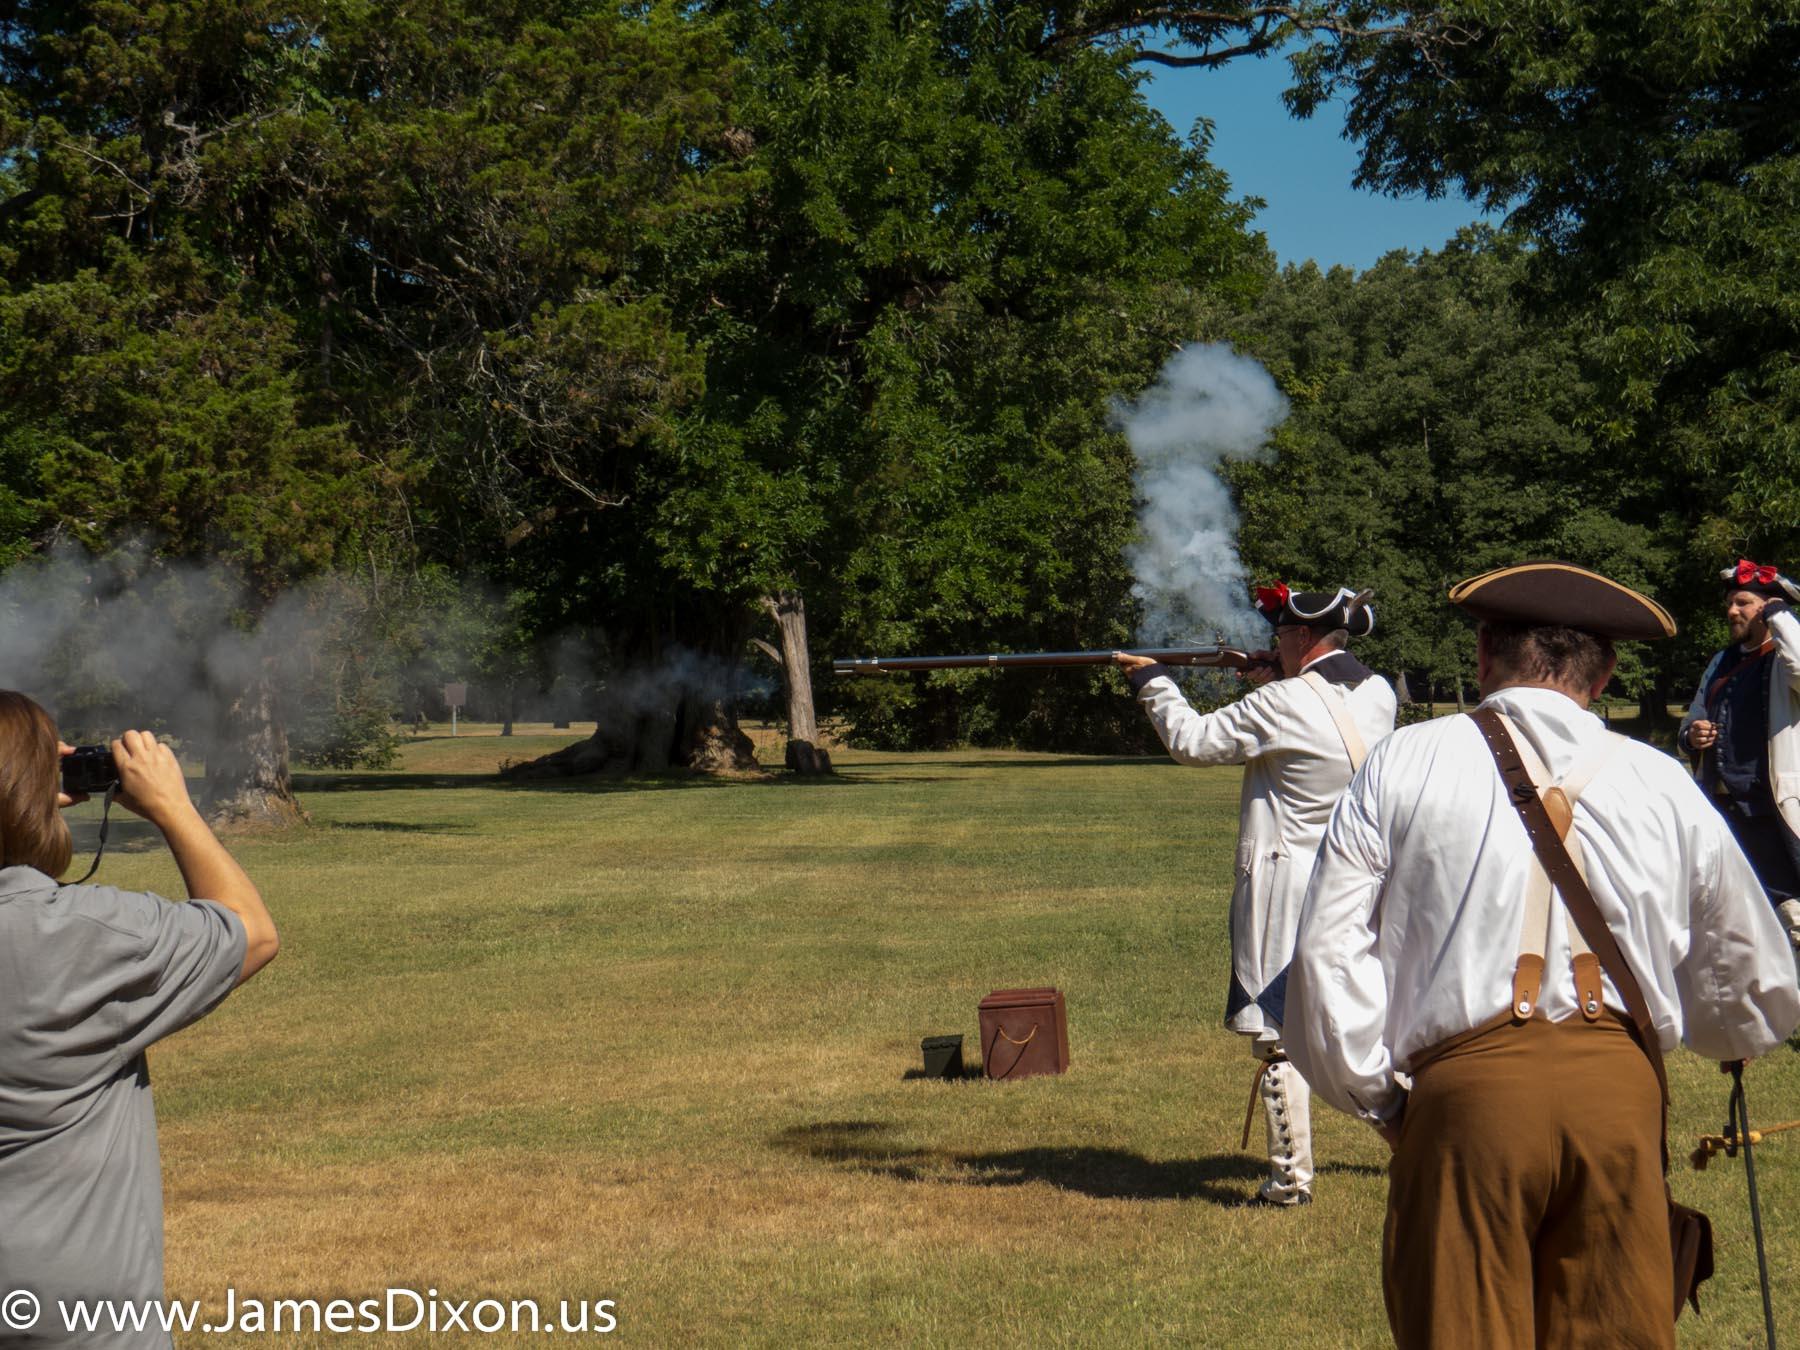 musket-arkansas-post-national-memorial-july-2013-3083